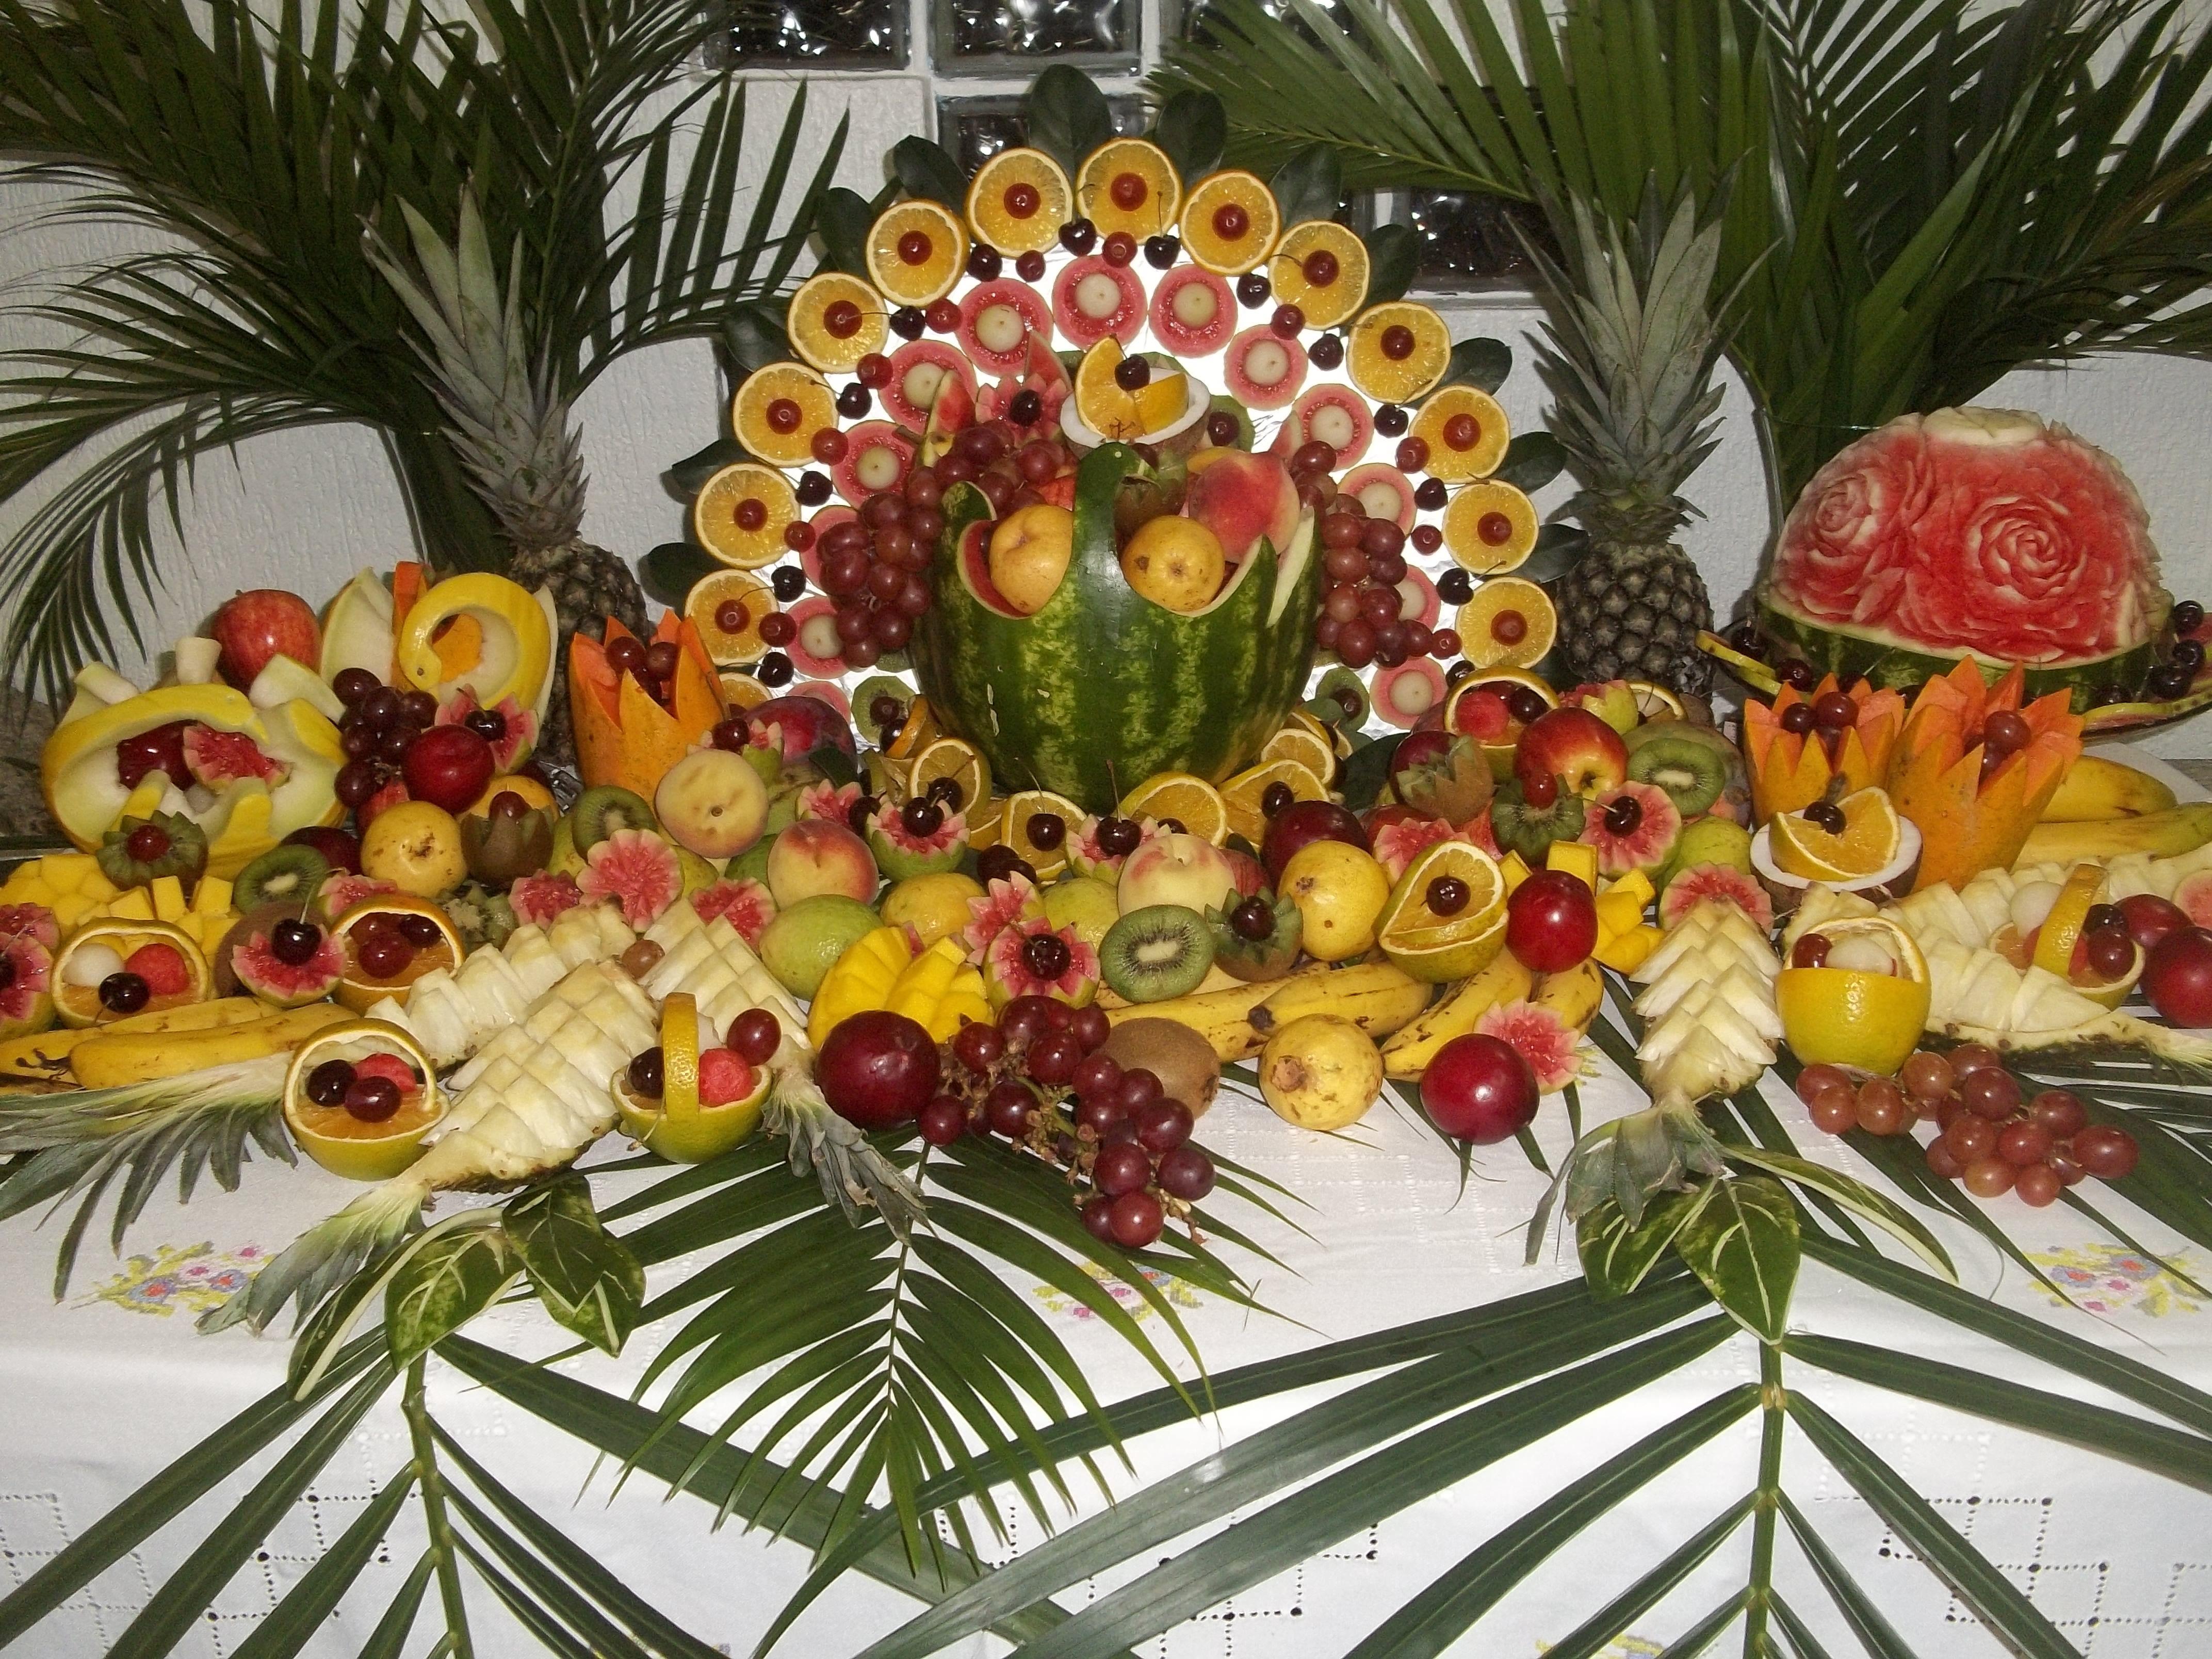 Decoraç u00e3o com frutas e legumes DECORA u00c7ÃO COM FRUTAS e LEGUMES em 2019 Decoraç u00e3o de frutas